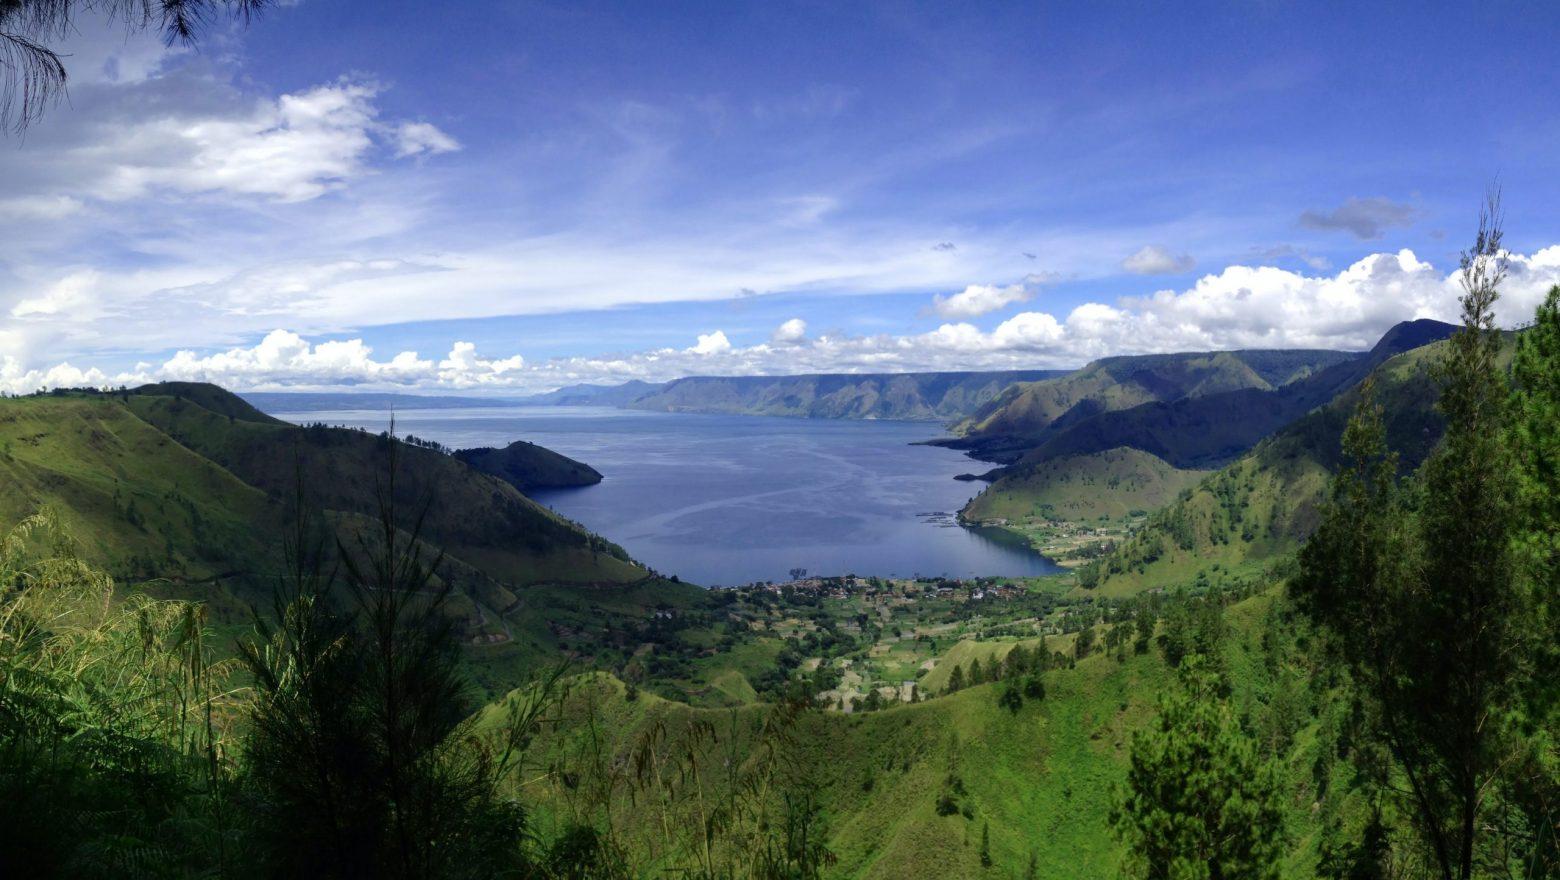 Jalan-Tongging-Silalahi-Tongging-Merek-Kabupaten-Karo-Sumatera-Utara-22173-Indonesia-scaled Promo